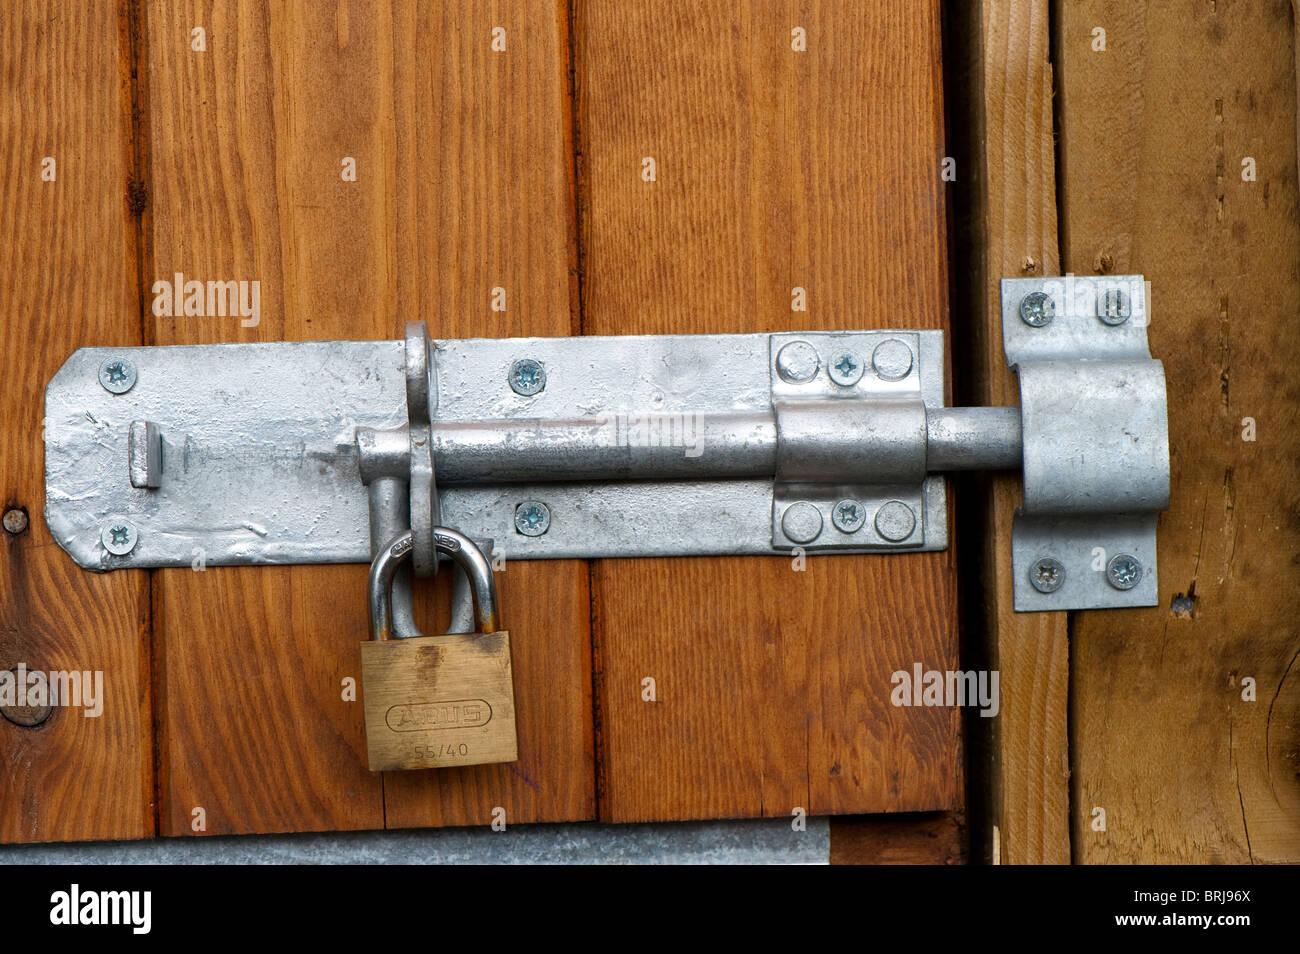 Vis et cadenas sur une porte en bois Photo Stock